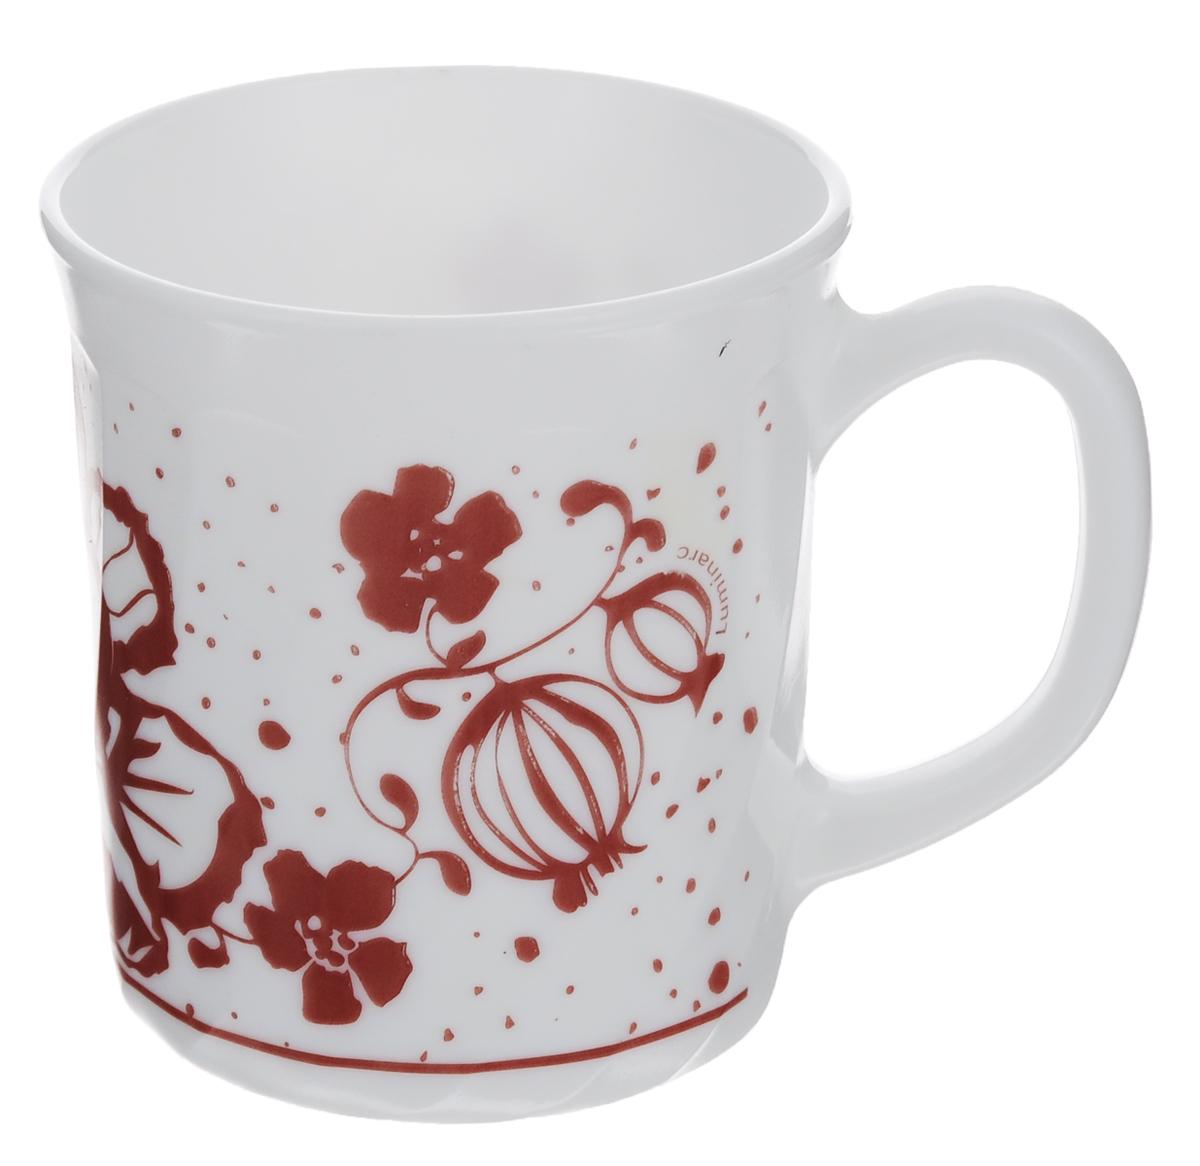 Кружка Luminarc Alcove Red, 290 млH2461Кружка Luminarc Alcove Red изготовлена из упрочненного стекла. Такая кружка прекрасно подойдет для горячих и холодных напитков. Она дополнит коллекцию вашей кухонной посуды и будет служить долгие годы. Объем кружки: 290 мл. Диаметр кружки (по верхнему краю): 8 см. Высота стенки кружки: 9 см.